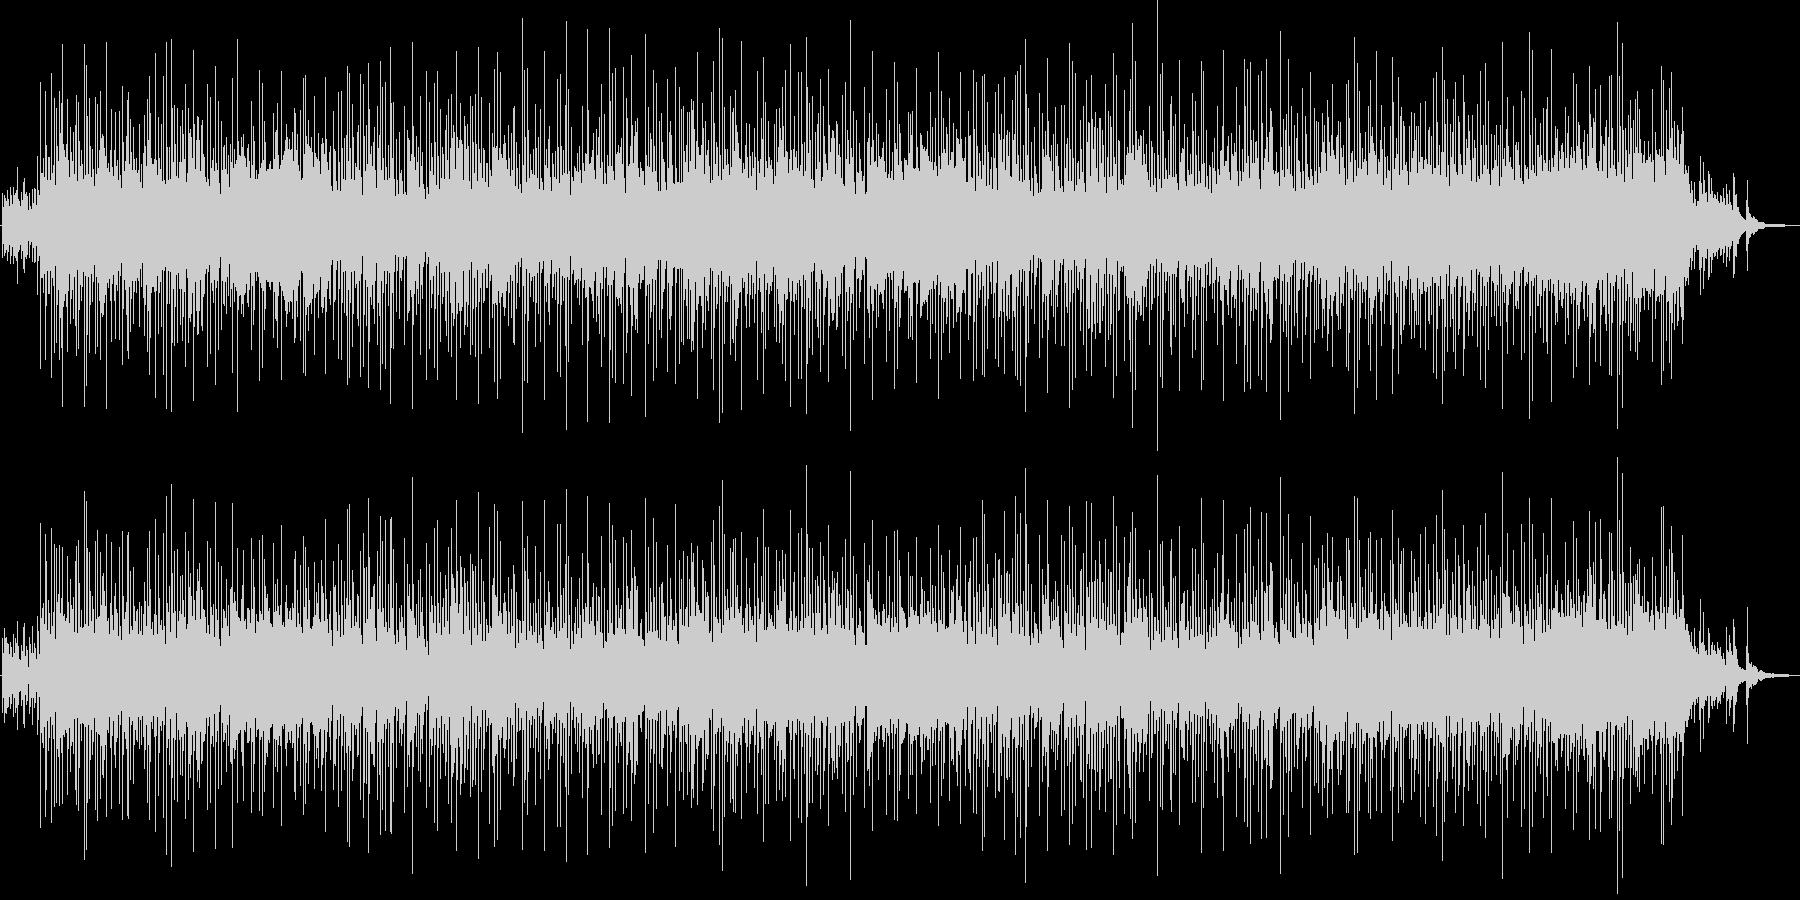 エンディングに使いたい和風ロックバラードの未再生の波形